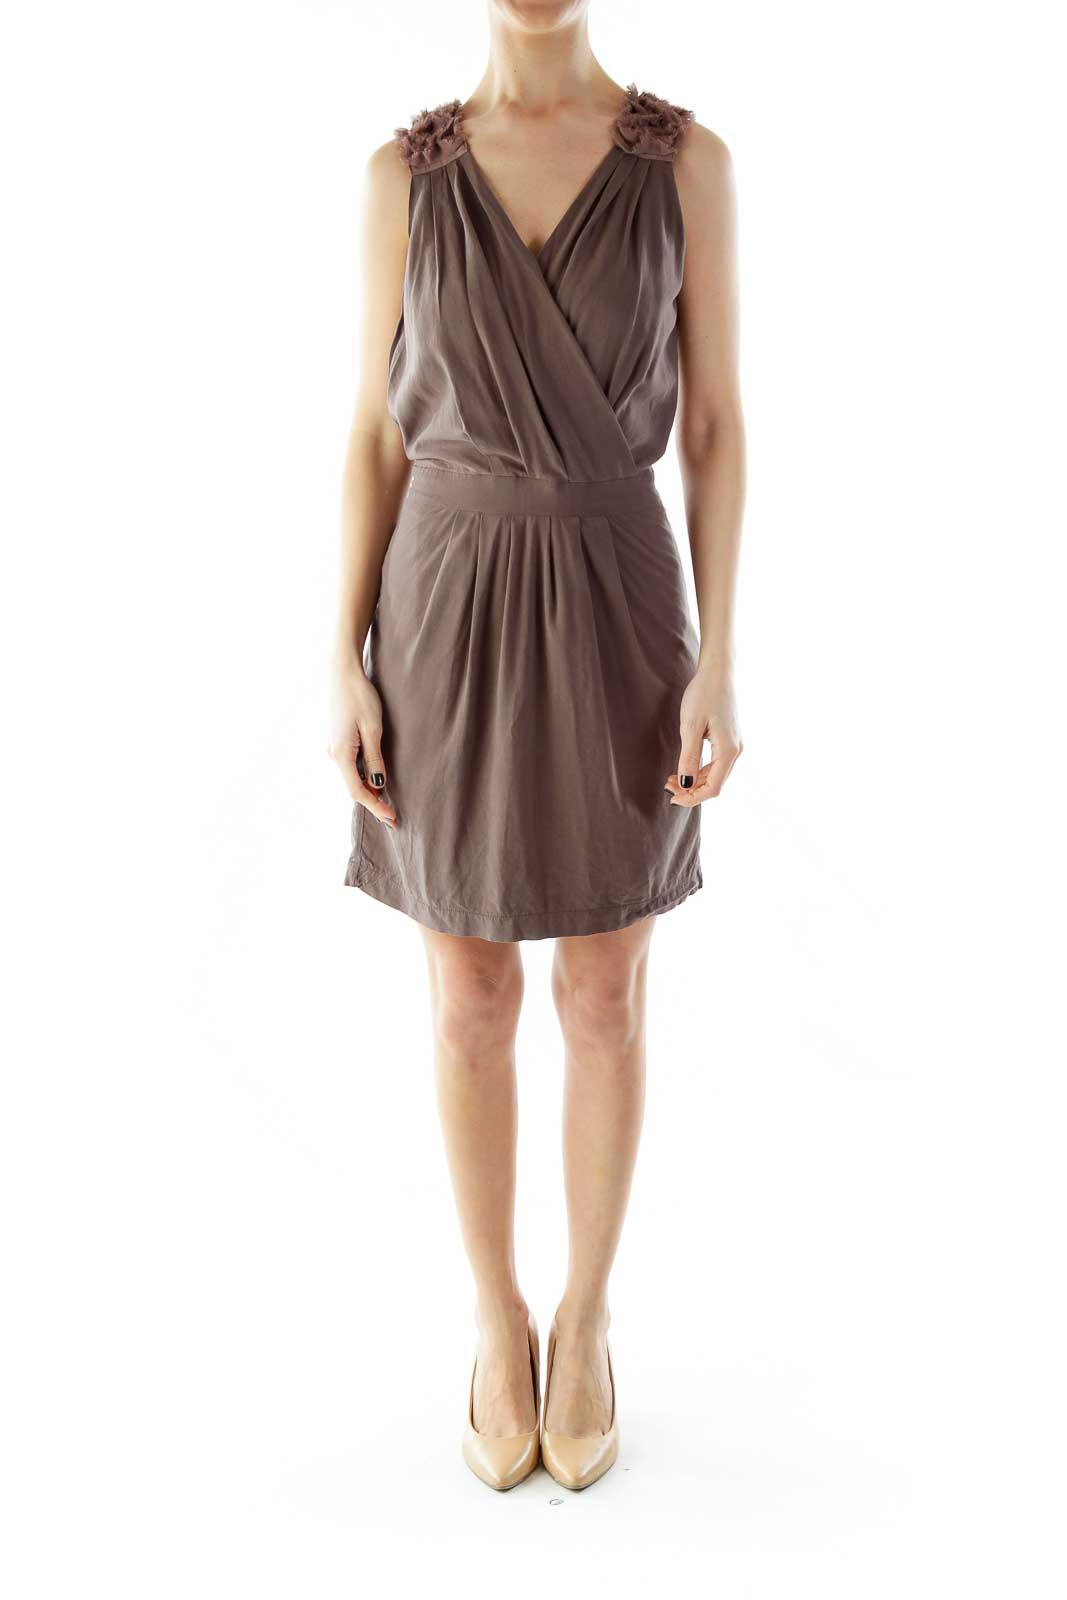 Brown Ruffled Sleeveless Dress